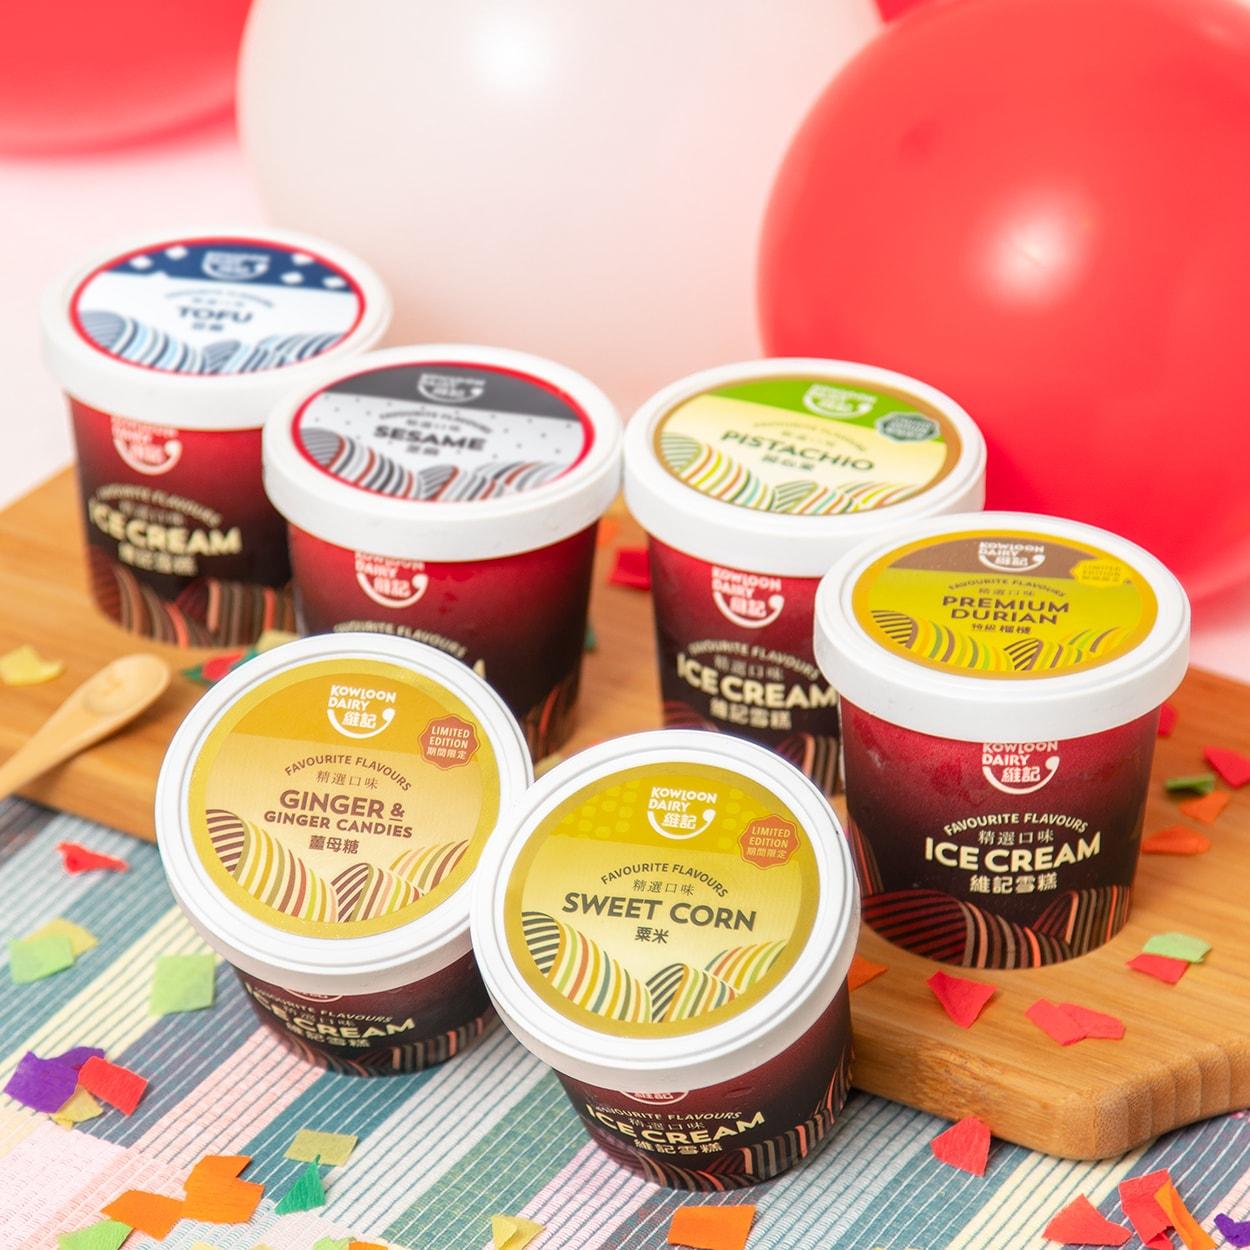 維記雪糕杯新口味  粟米、薑母糖雪糕杯登陸 7- Eleven 便利店